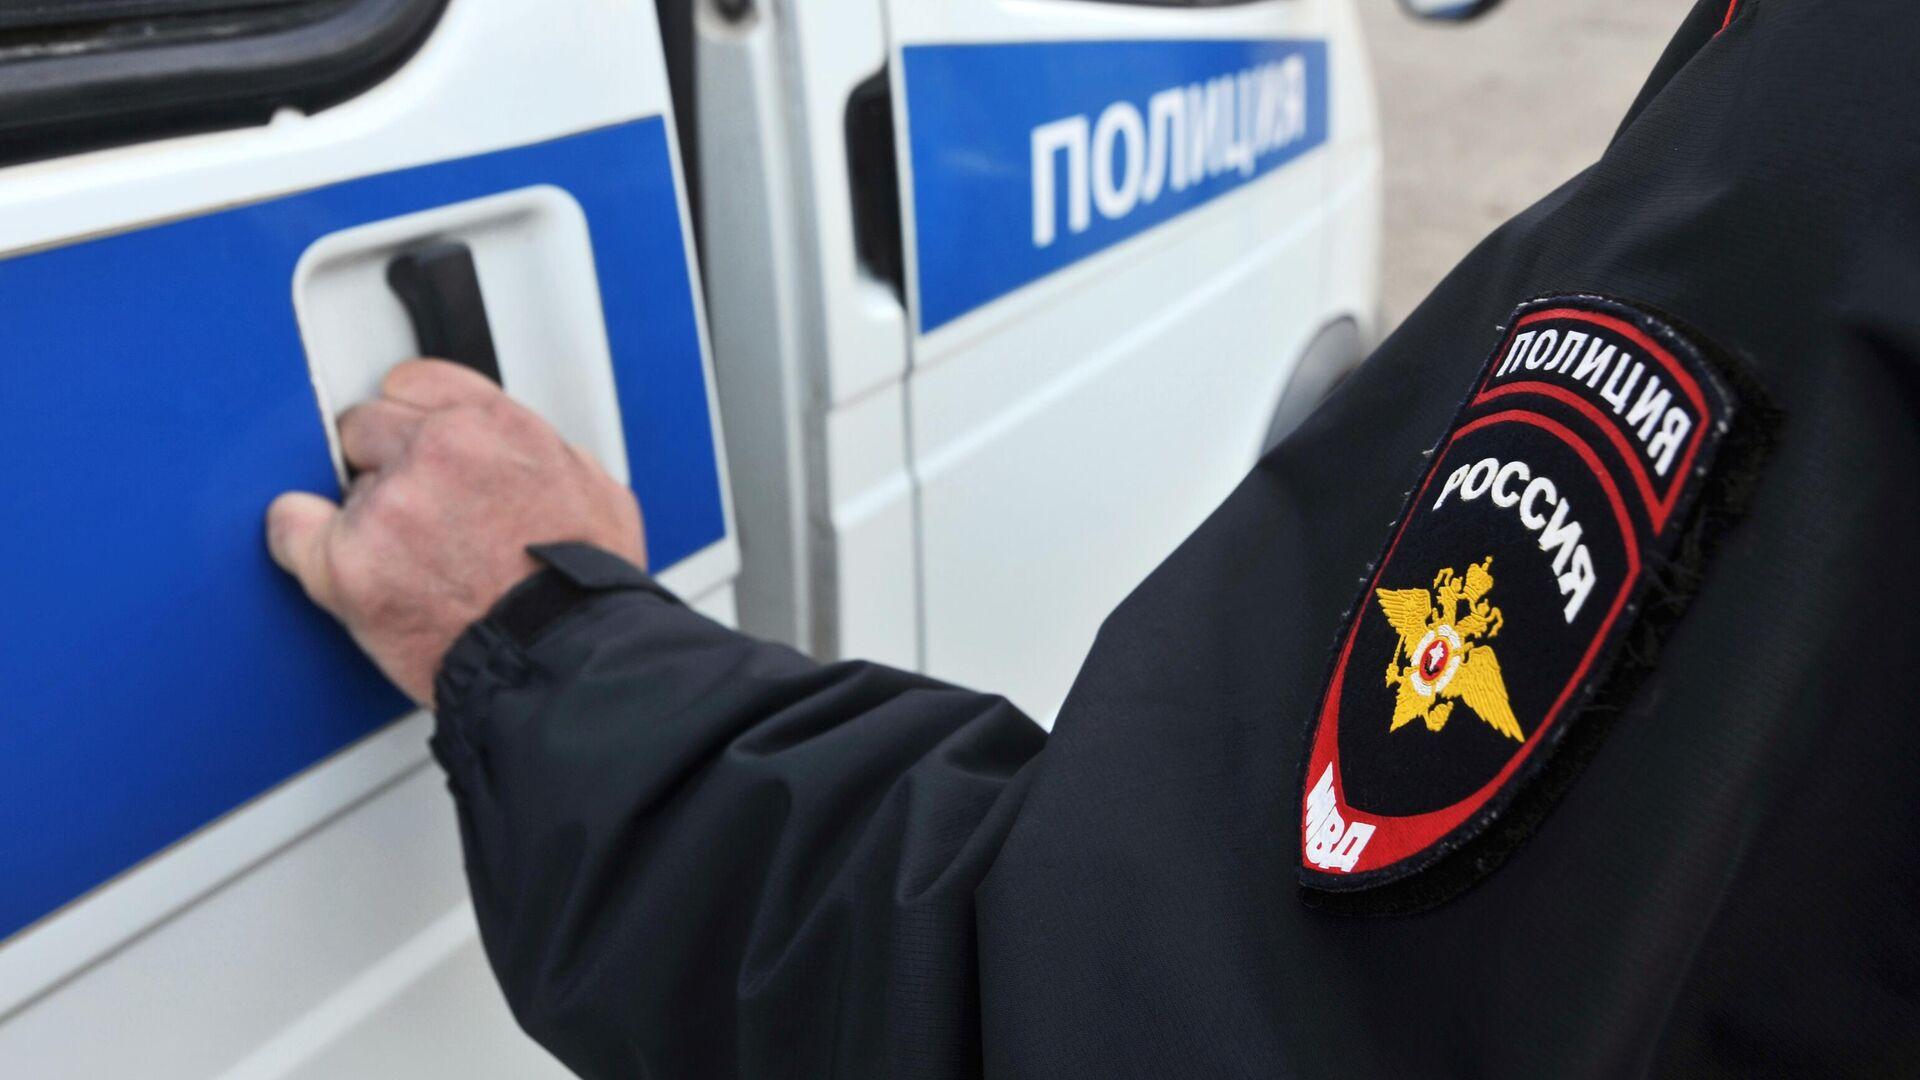 Сотрудник полиции - РИА Новости, 1920, 24.11.2020